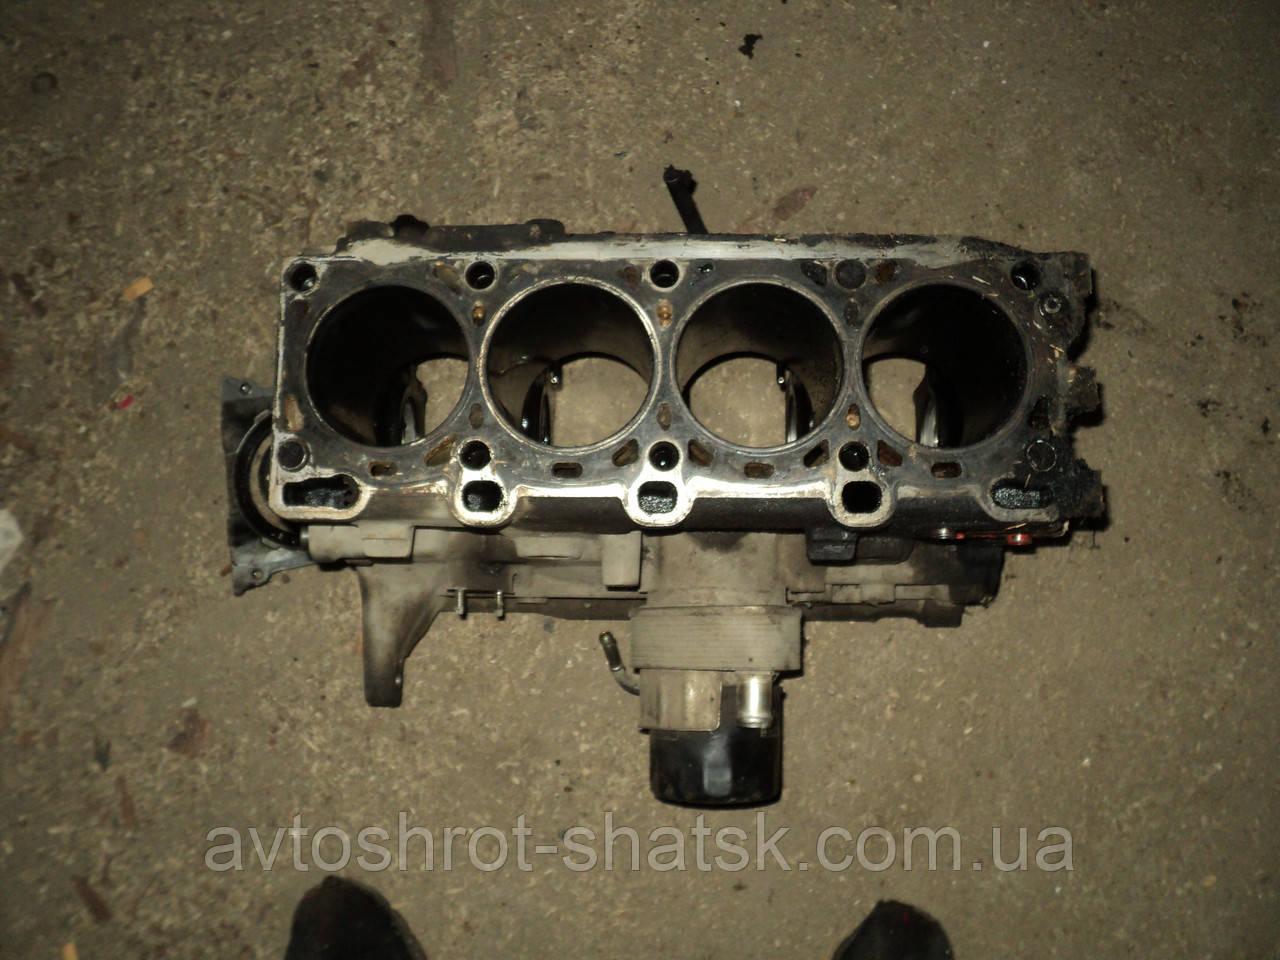 Блок двигателя 2.0td 110 лс